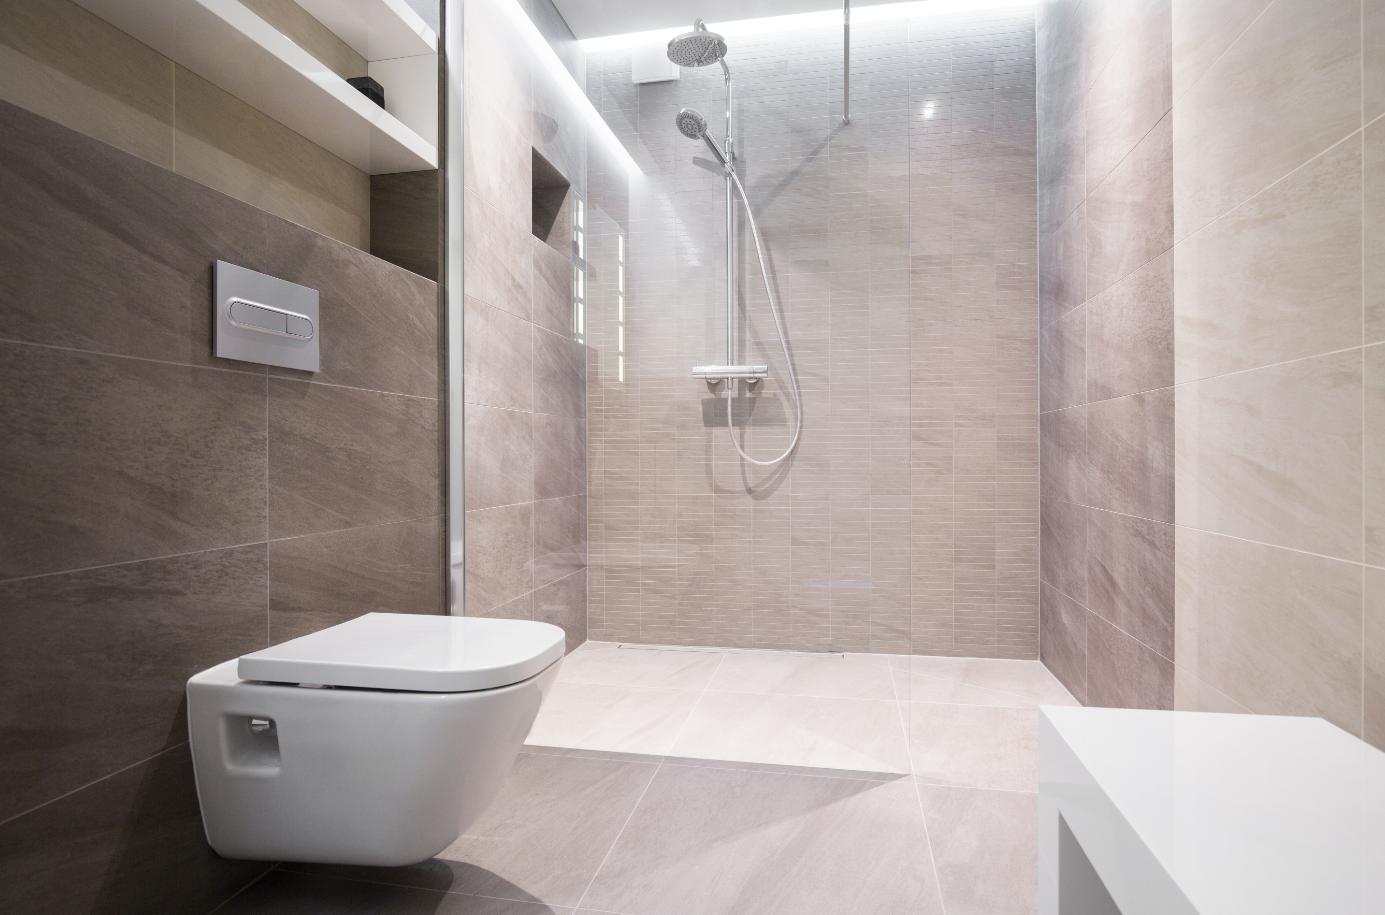 WC-Tabs, Handwerker finden - Bad und Sanitär